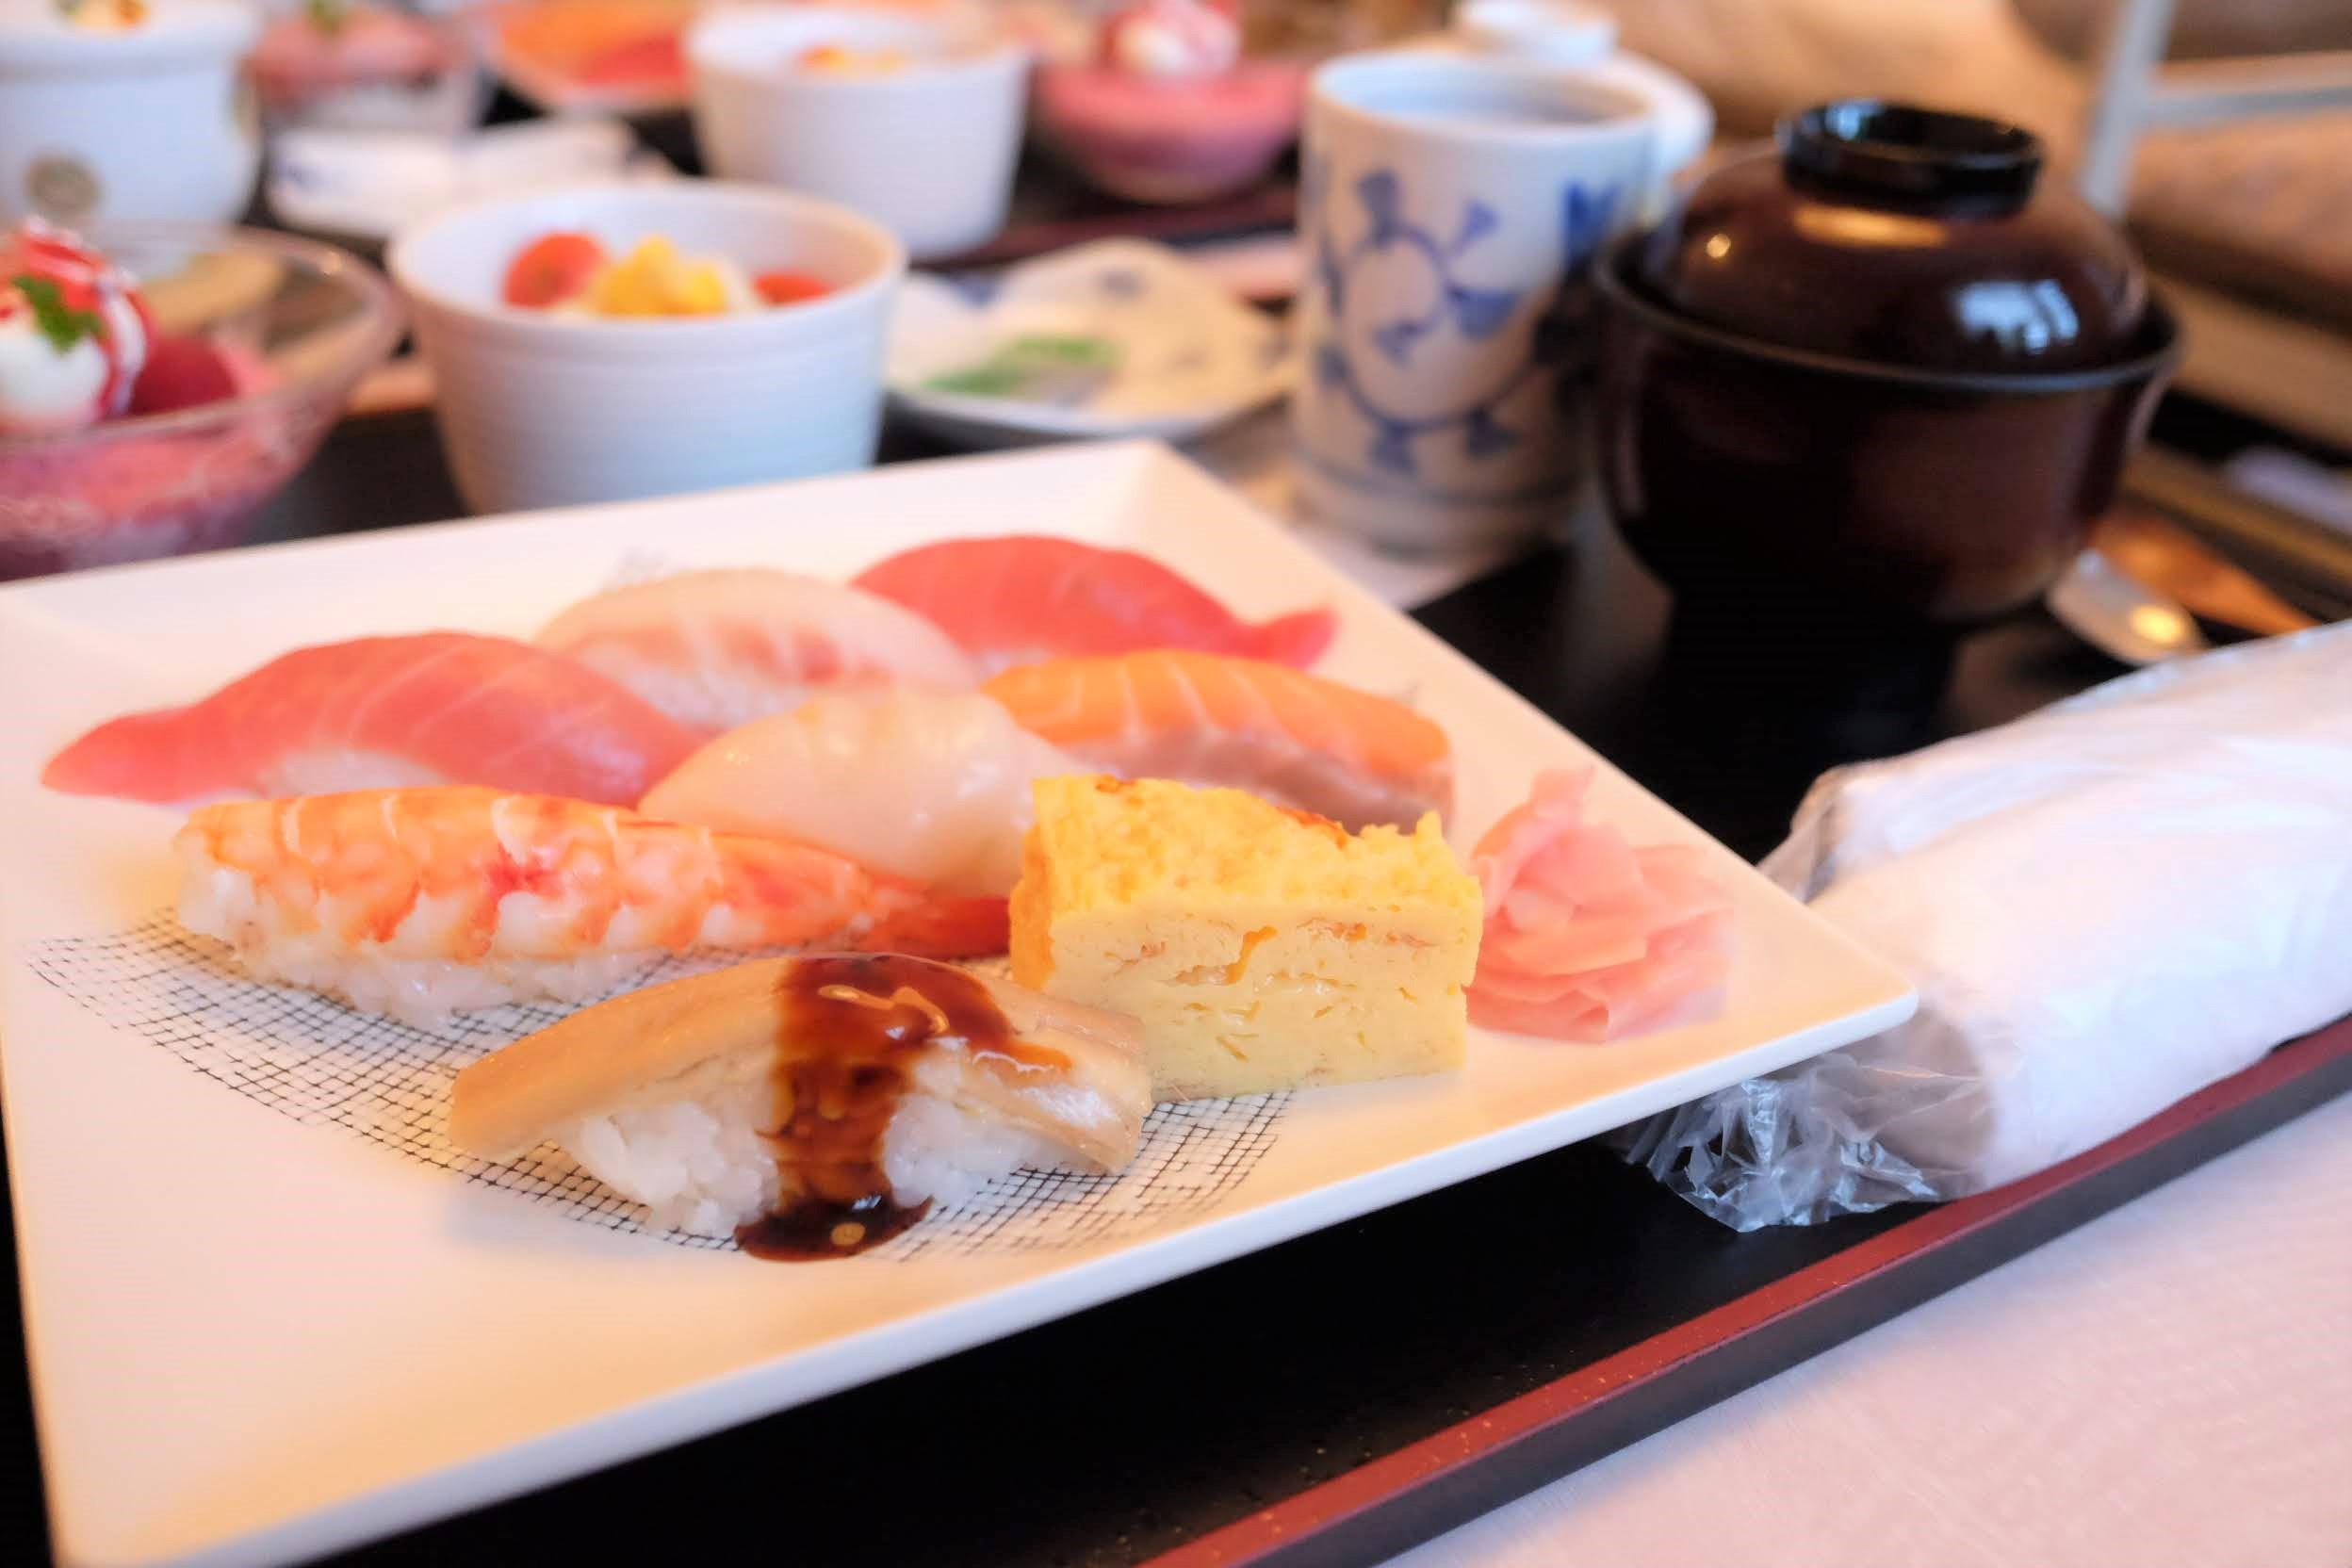 横田マタニティーホスピタルの病院食